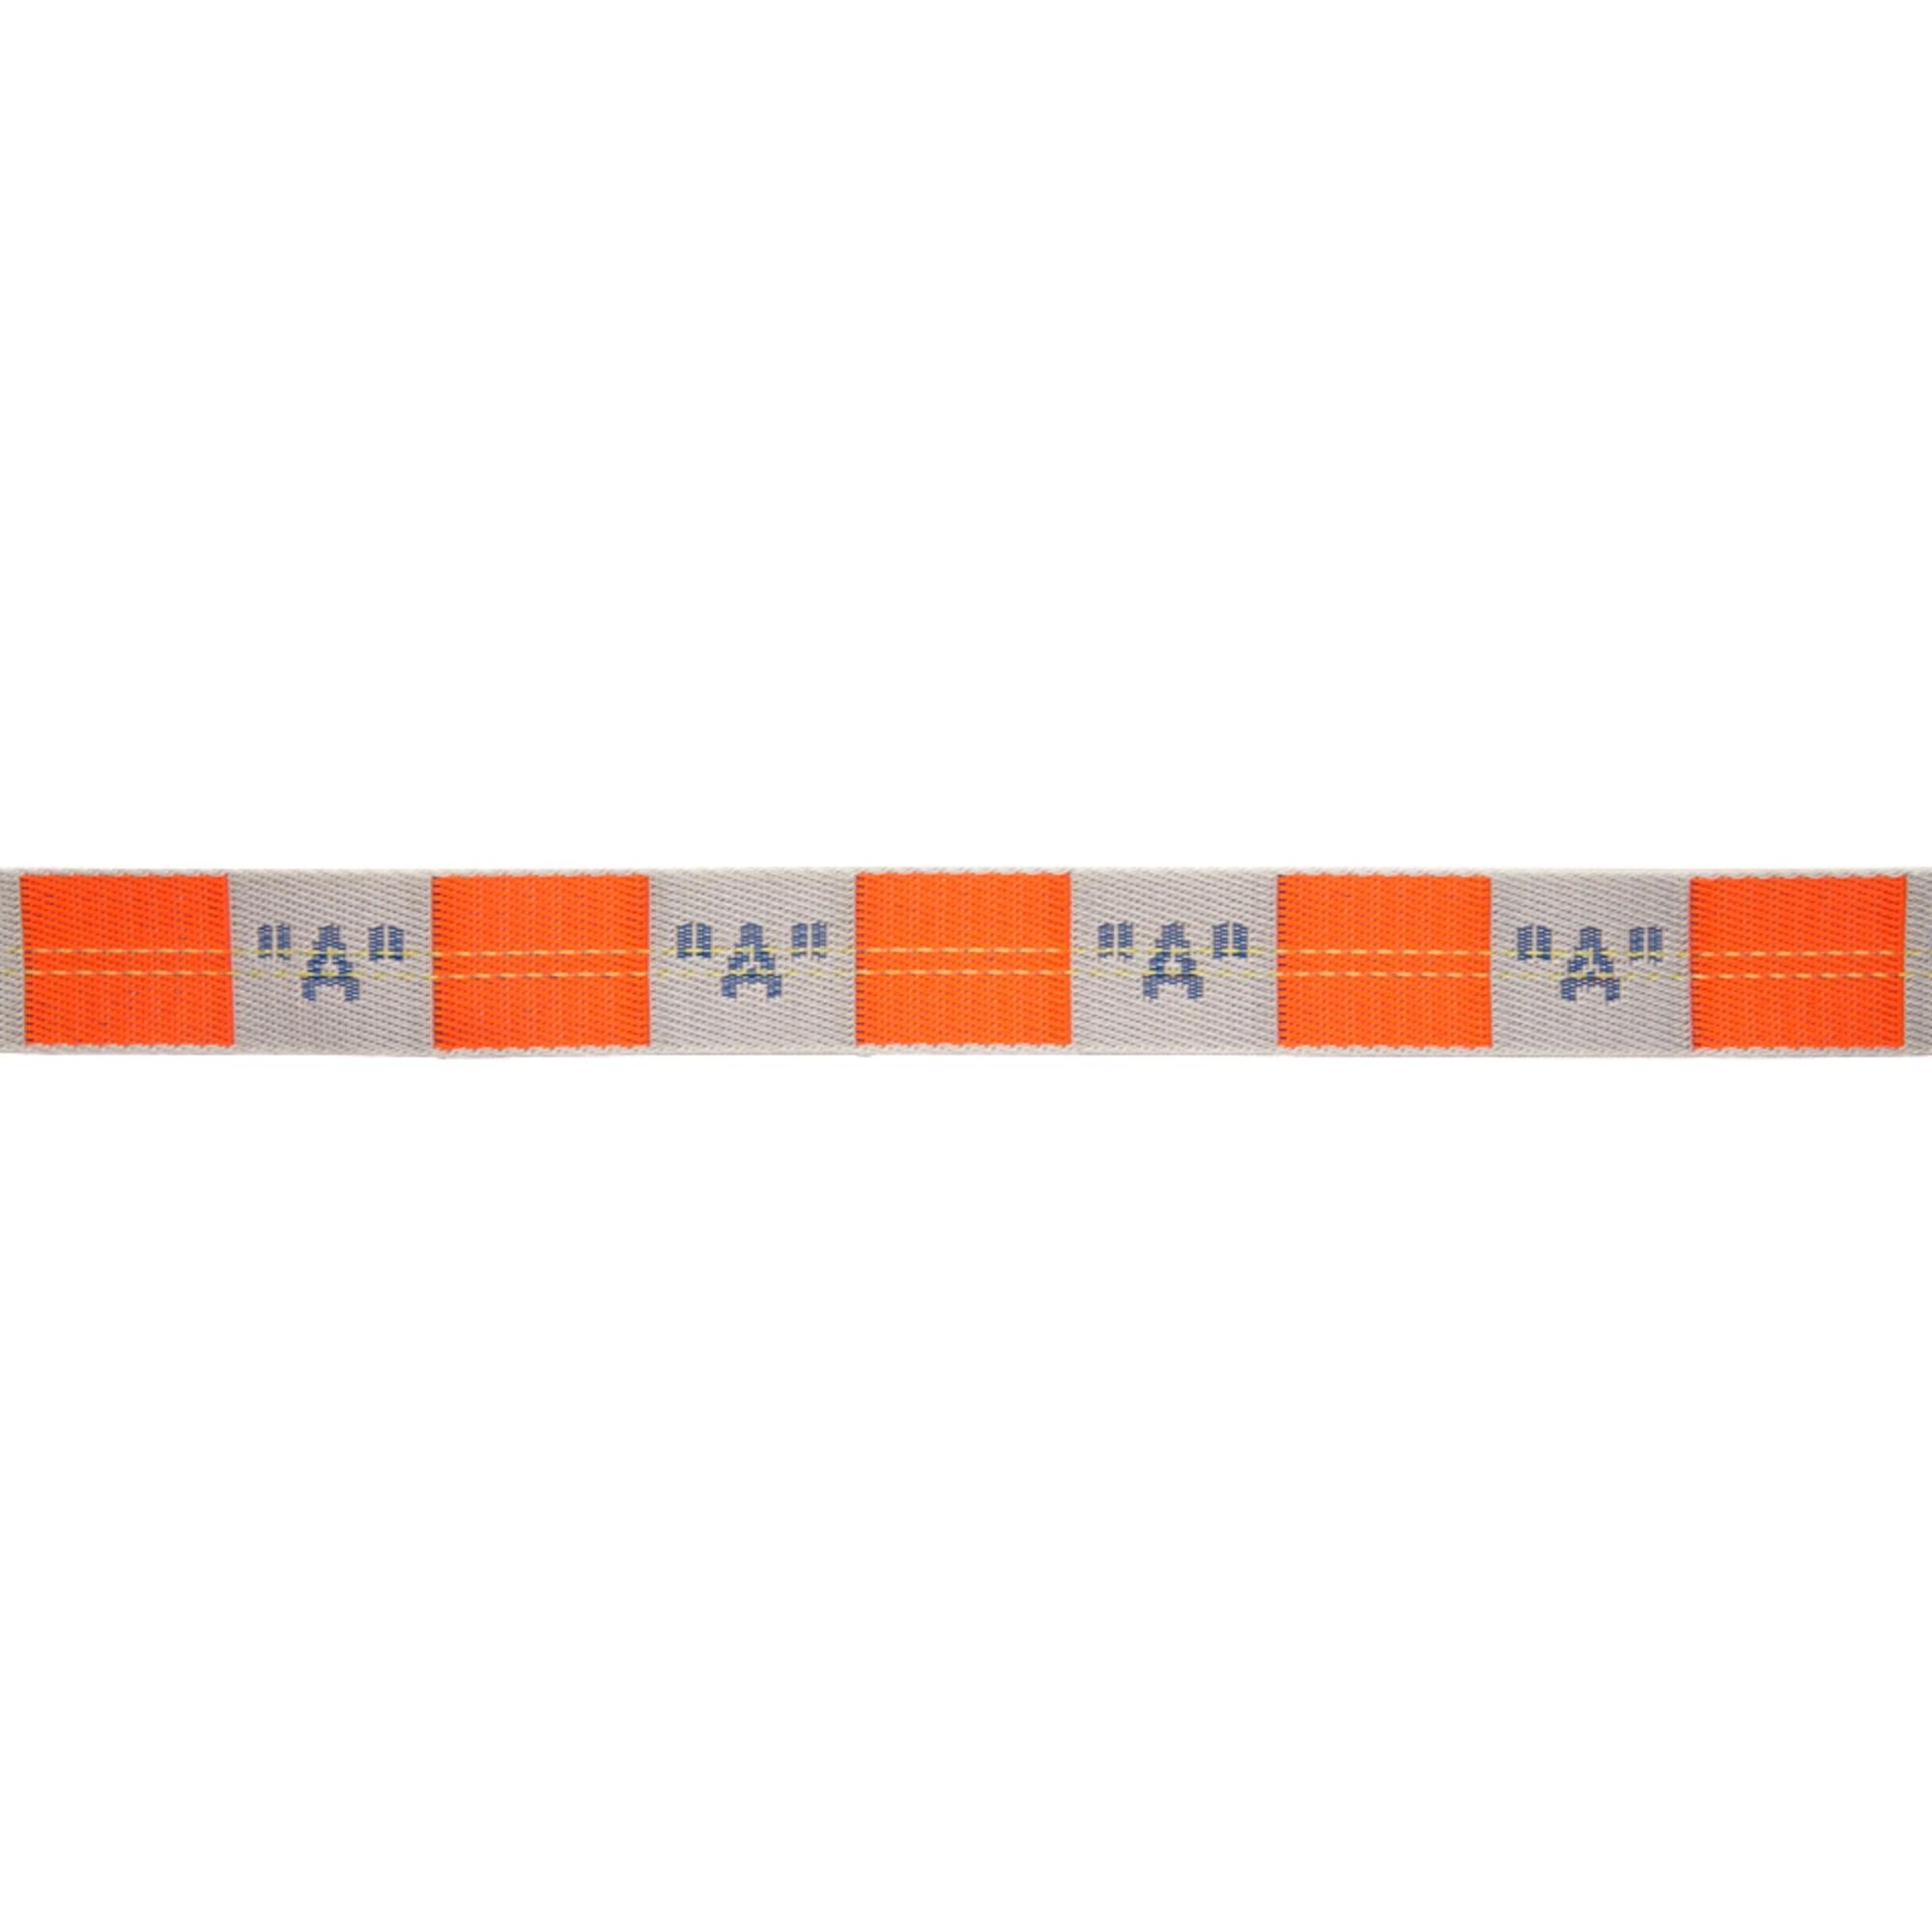 Lyst - Ceinture orange et grise A Industrial Off-White c o Virgil ... 82ccc47d122